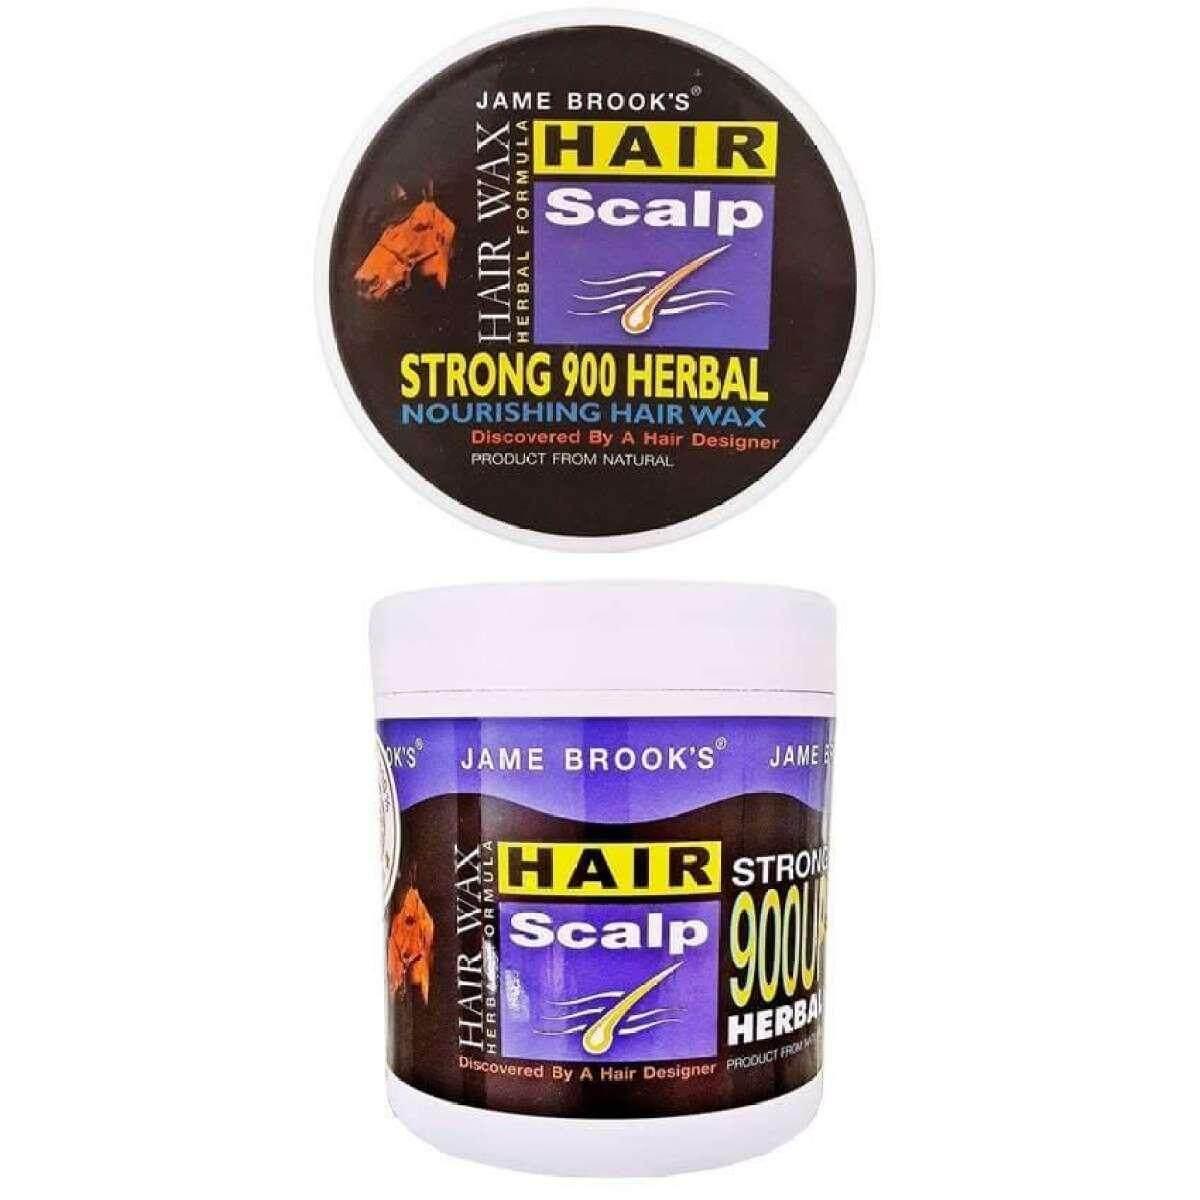 ทรีตเม้นท์ Jame Brook's Herbal Hair Wax Treatment 400ml เจมส์ บรูคส์ ทรีตเม้นท์ เข้มข้น ฟื้นฟู และบำรุงเส้นผม ปลูกผม ลดผมร่วง เร่งผมยาว 3เท่า ทรีตเม้นท์.